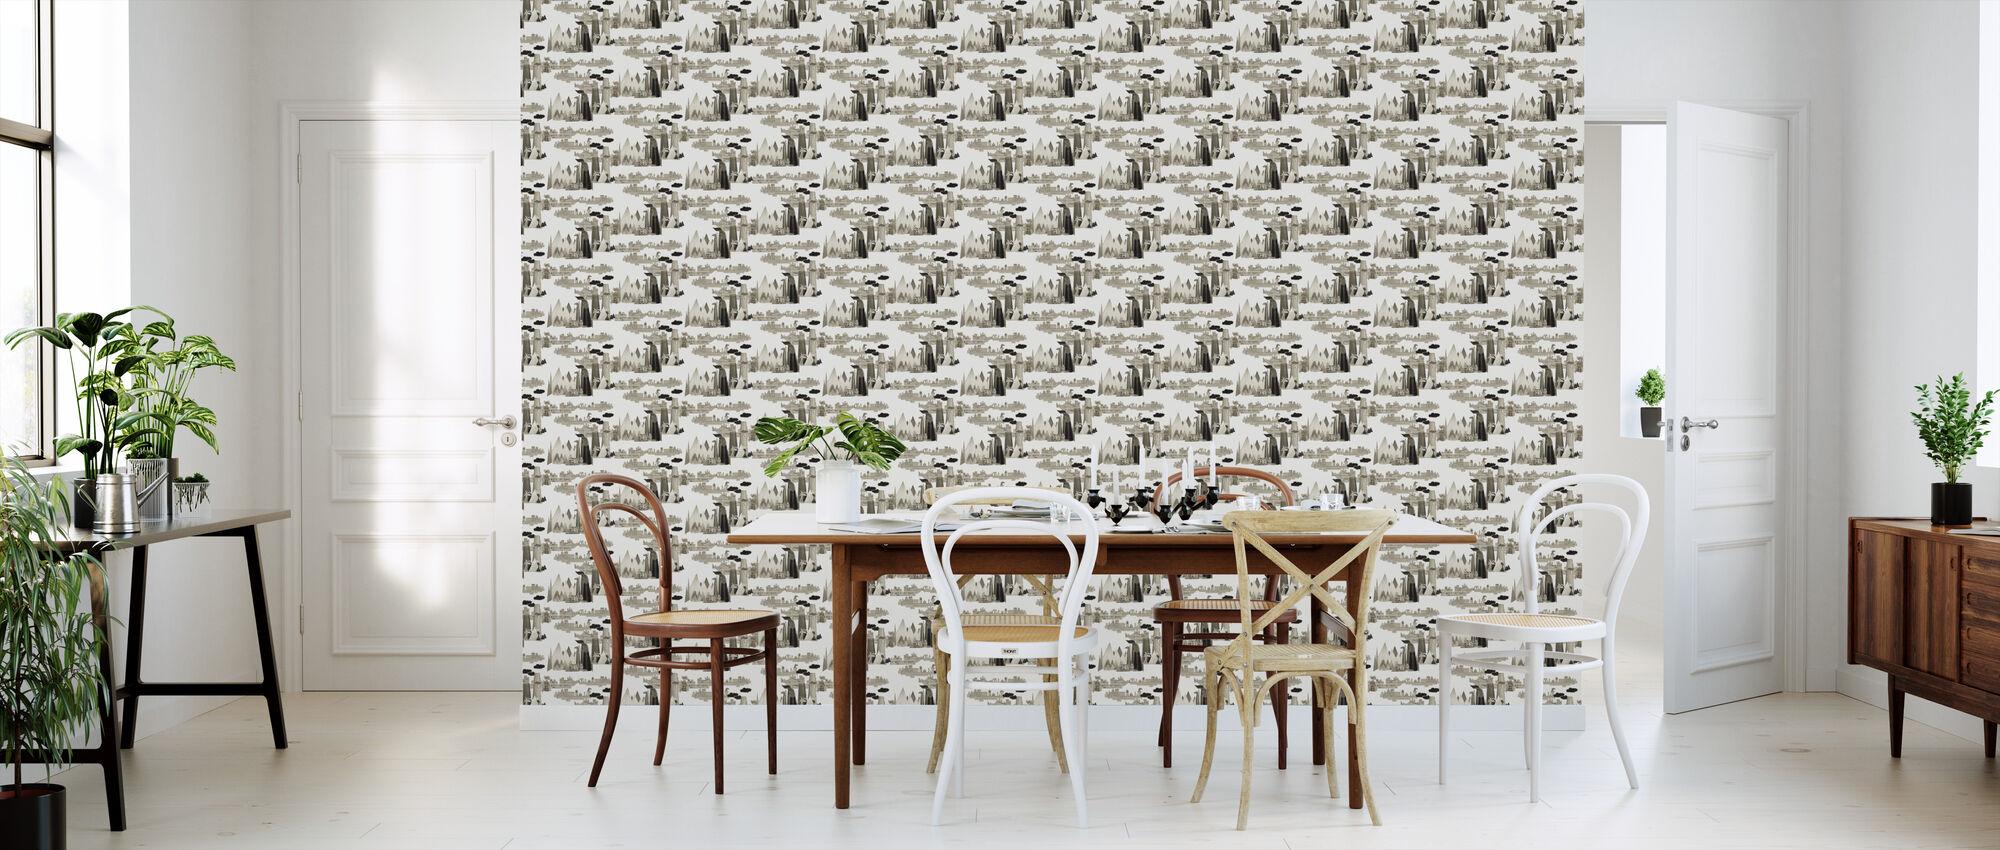 city view eine tapete f r jeden raum und jedes ambiente photowall. Black Bedroom Furniture Sets. Home Design Ideas